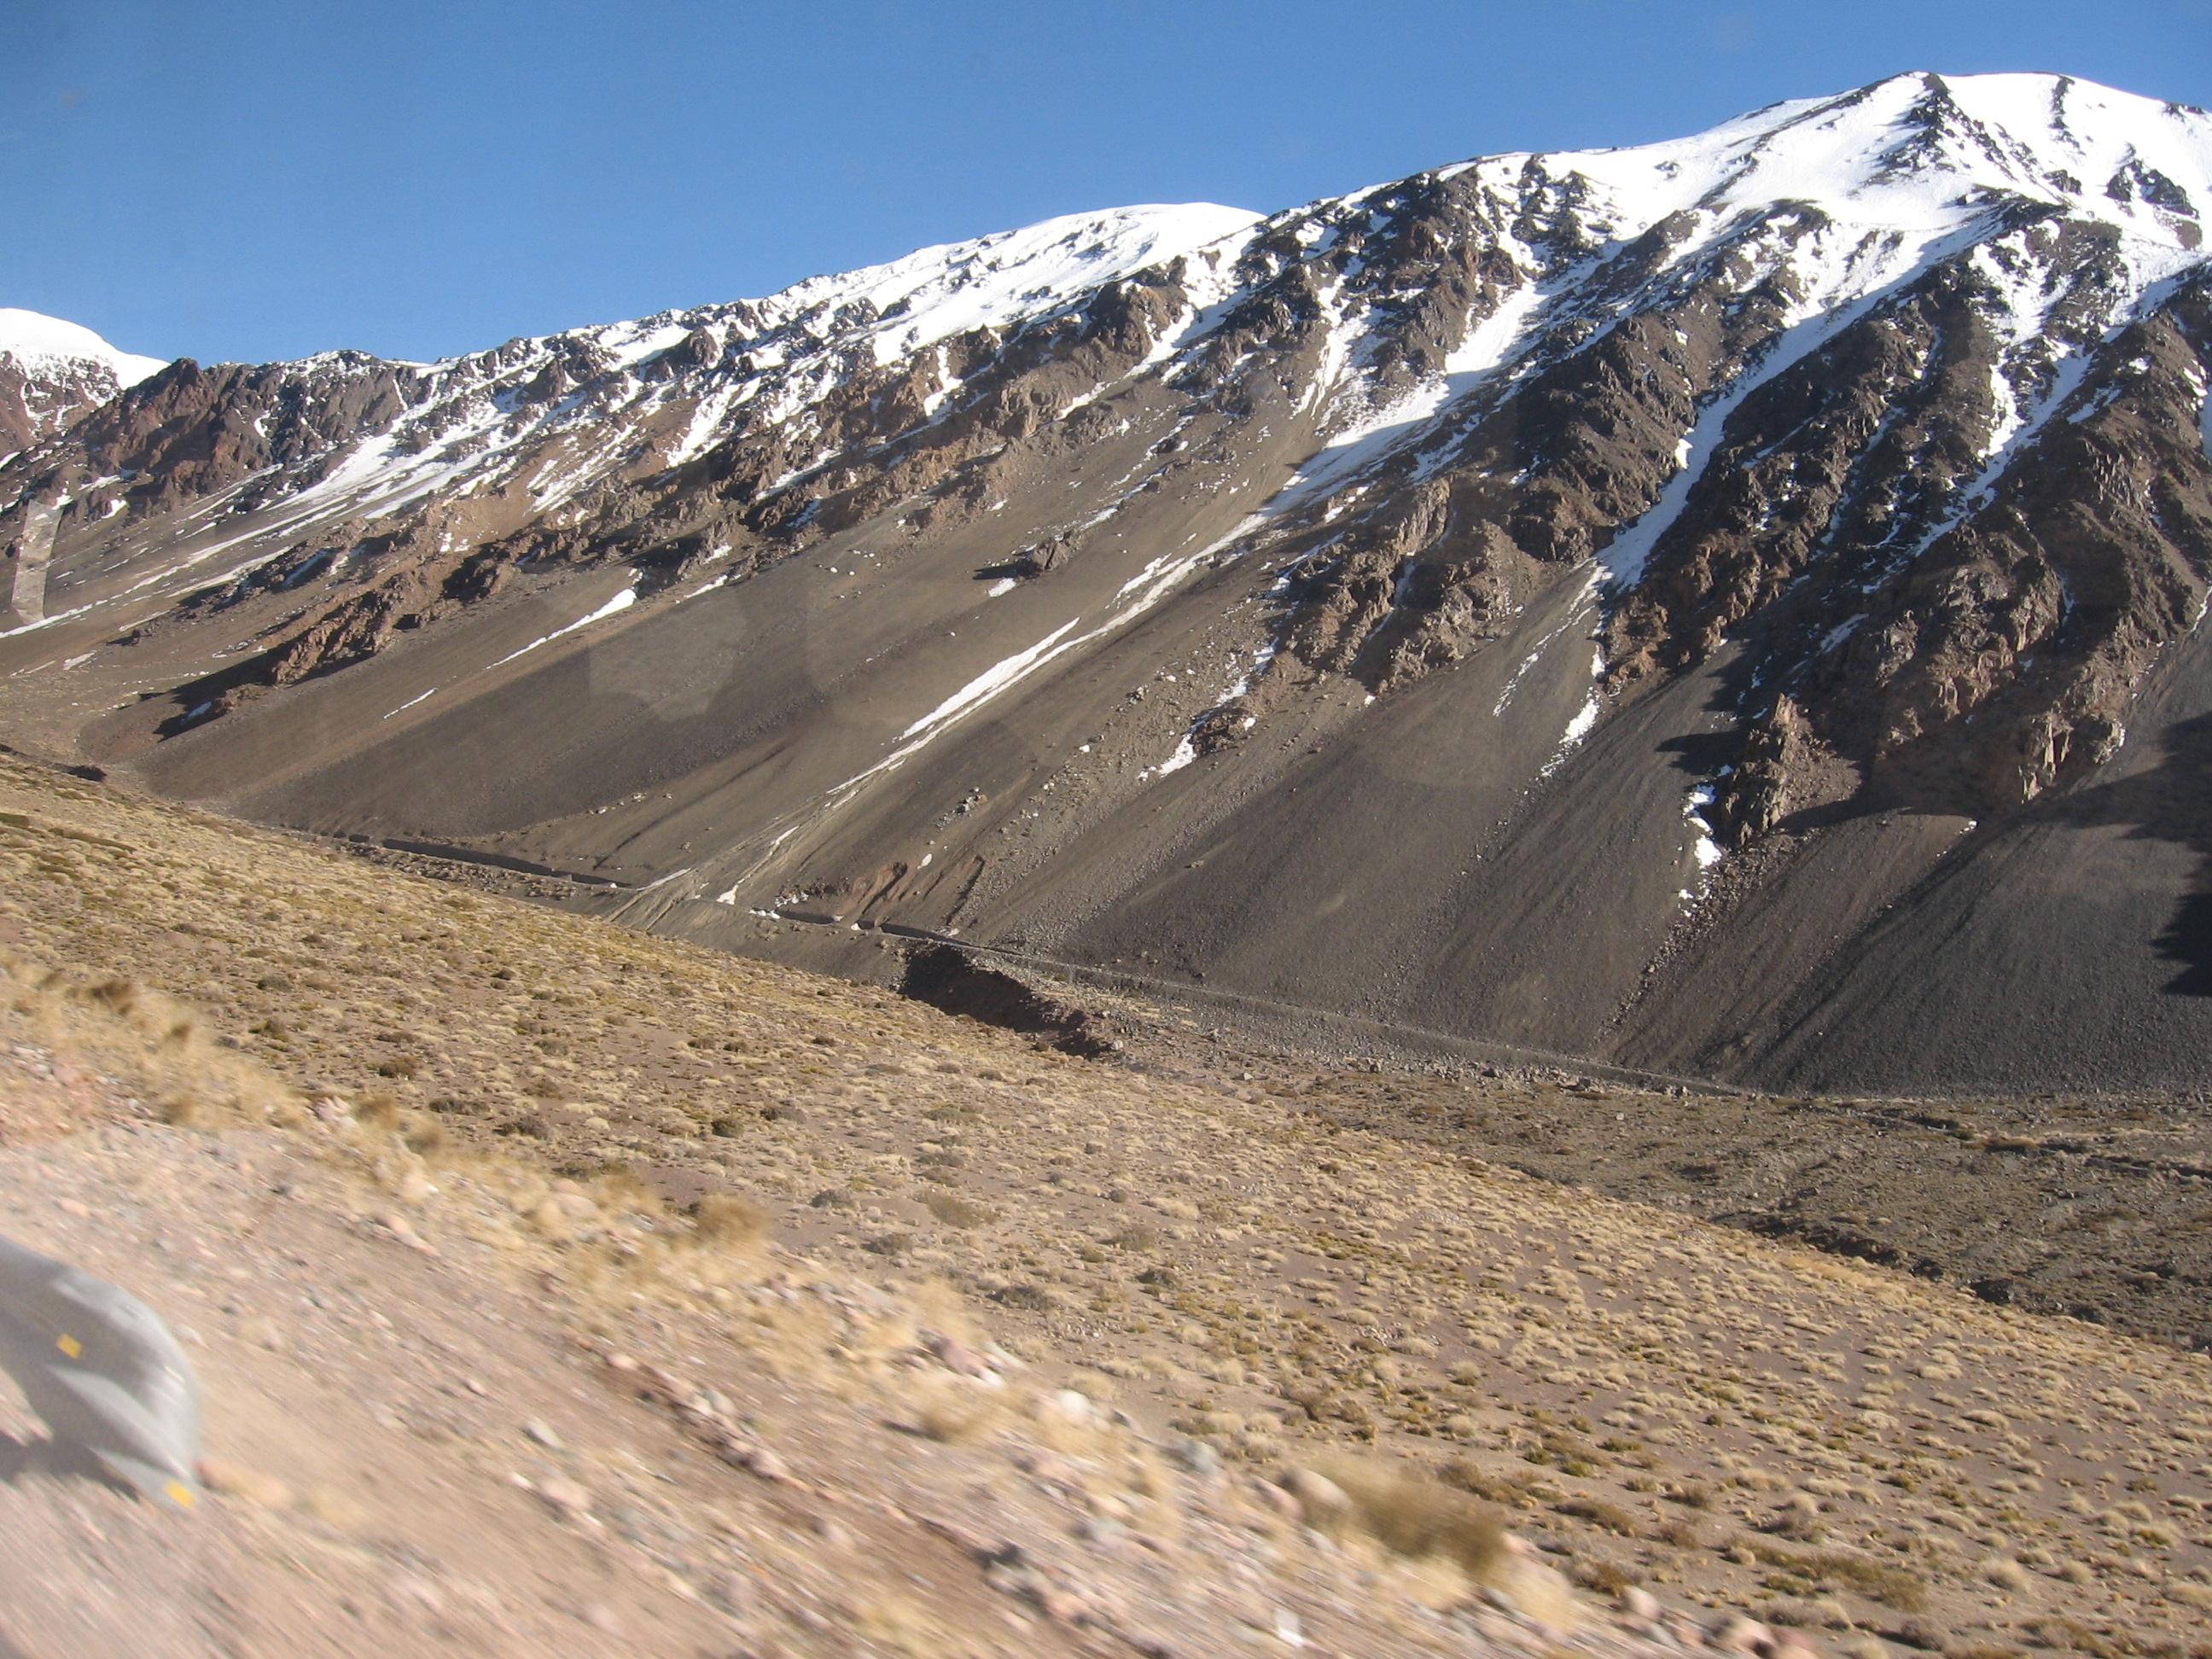 Una Montaña Nevada: Las Mejores Imagenes De La Naturaleza